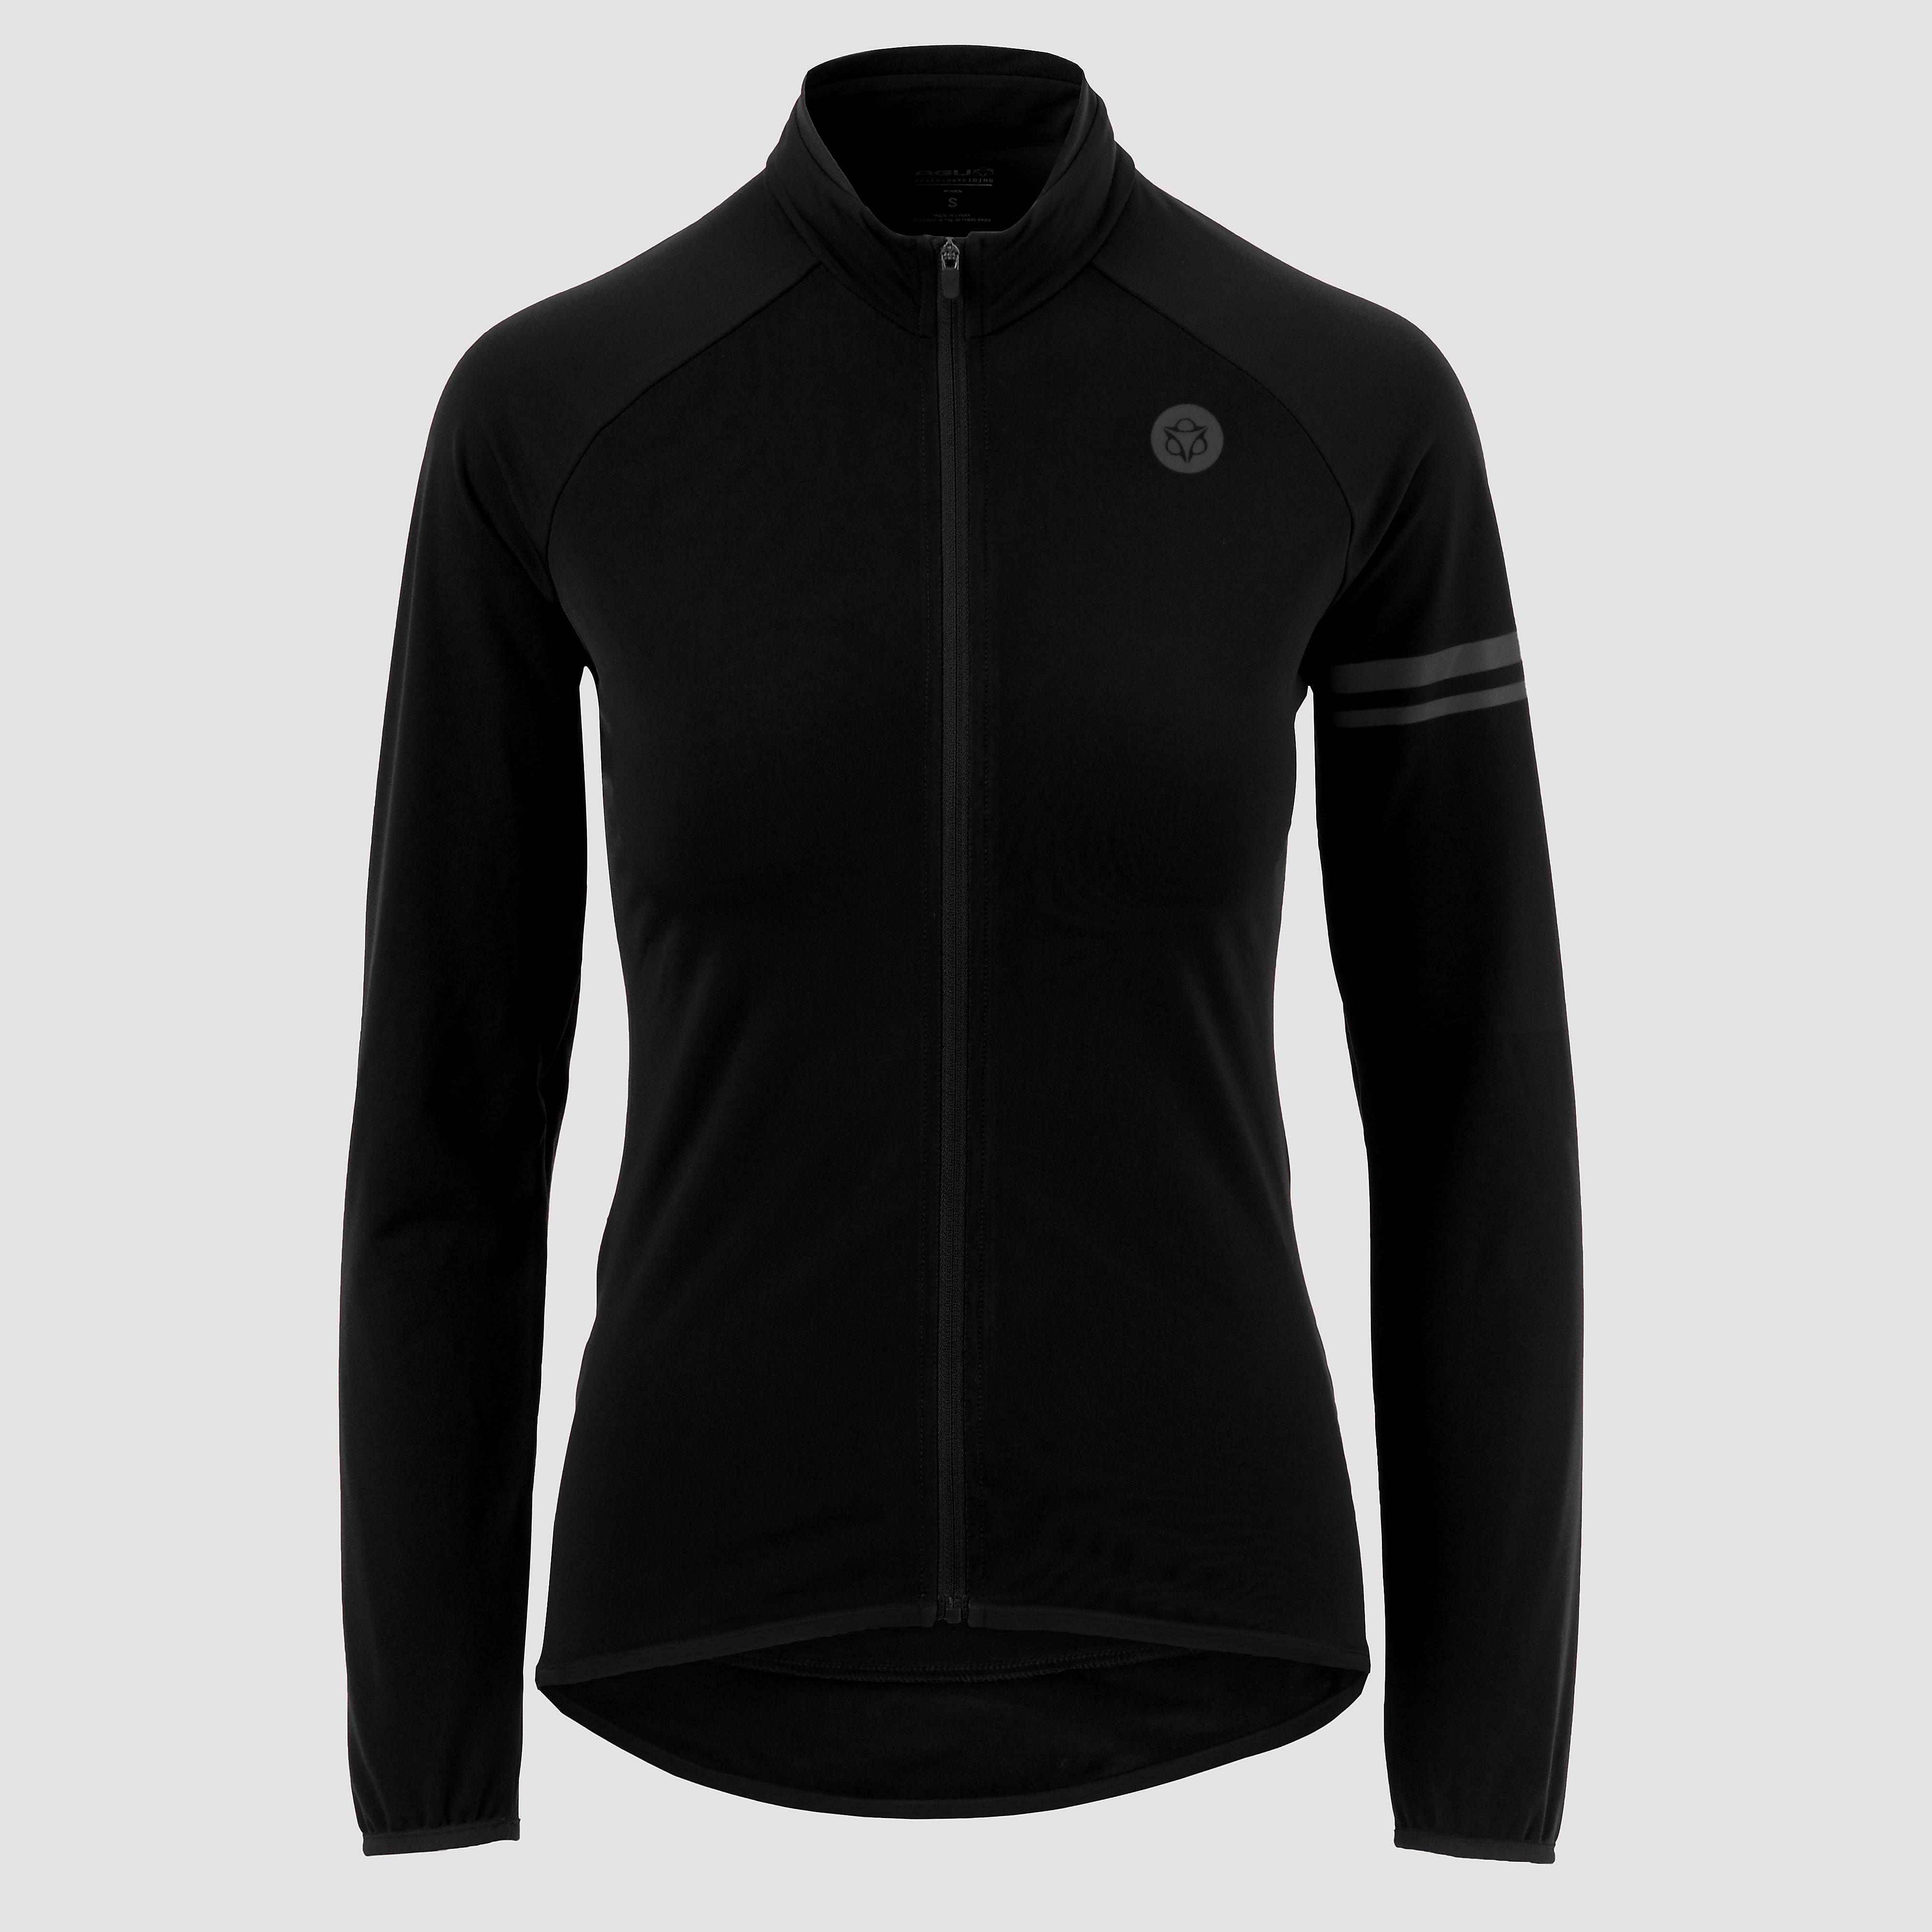 AGU Thermo jersey essential fietsshirt zwart dames Dames